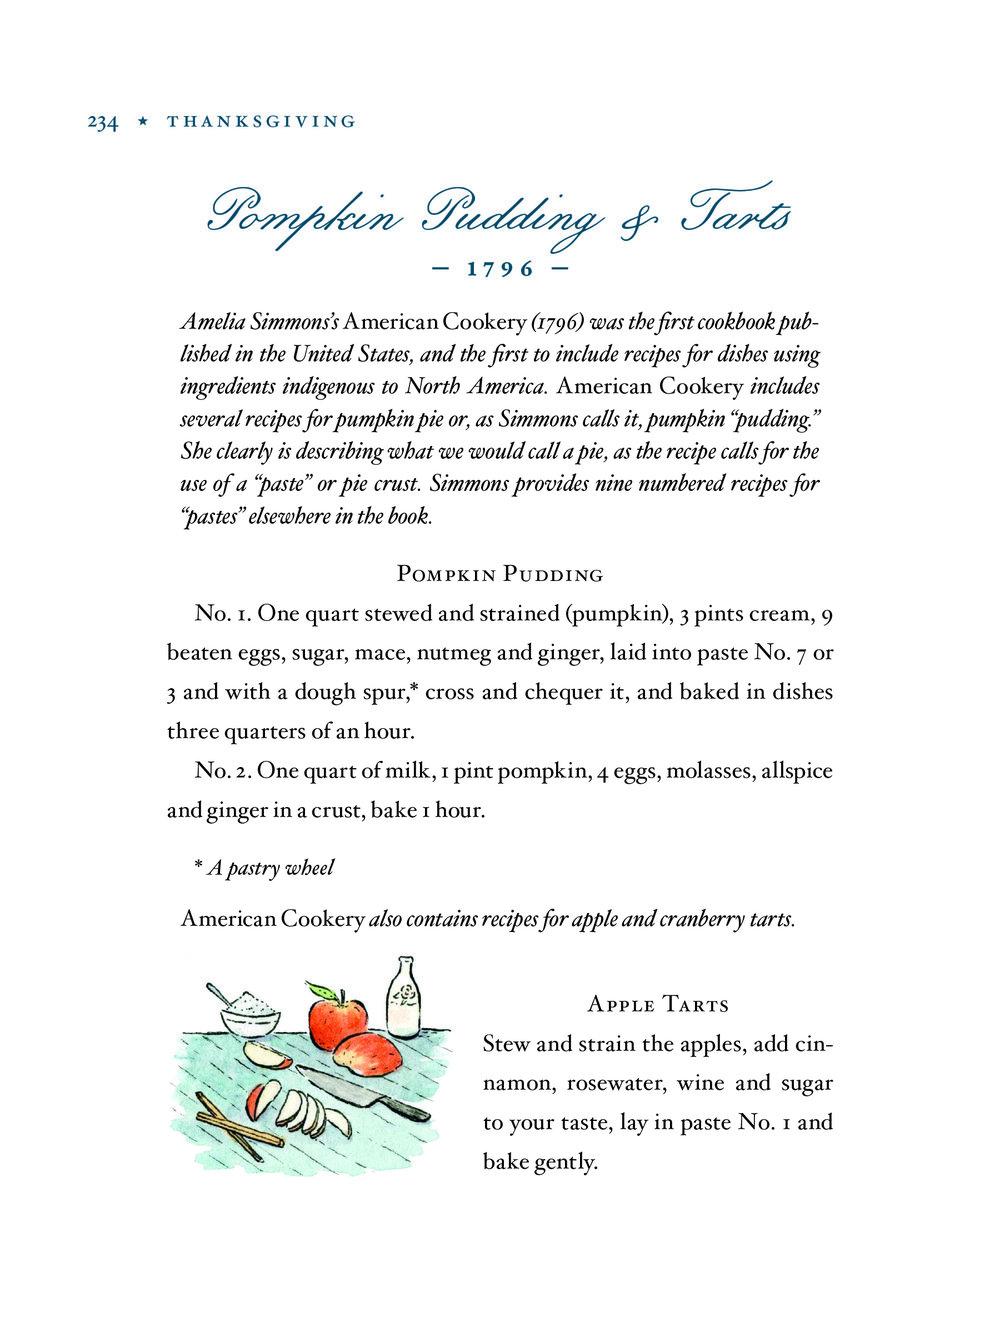 RecipesPag1.jpg